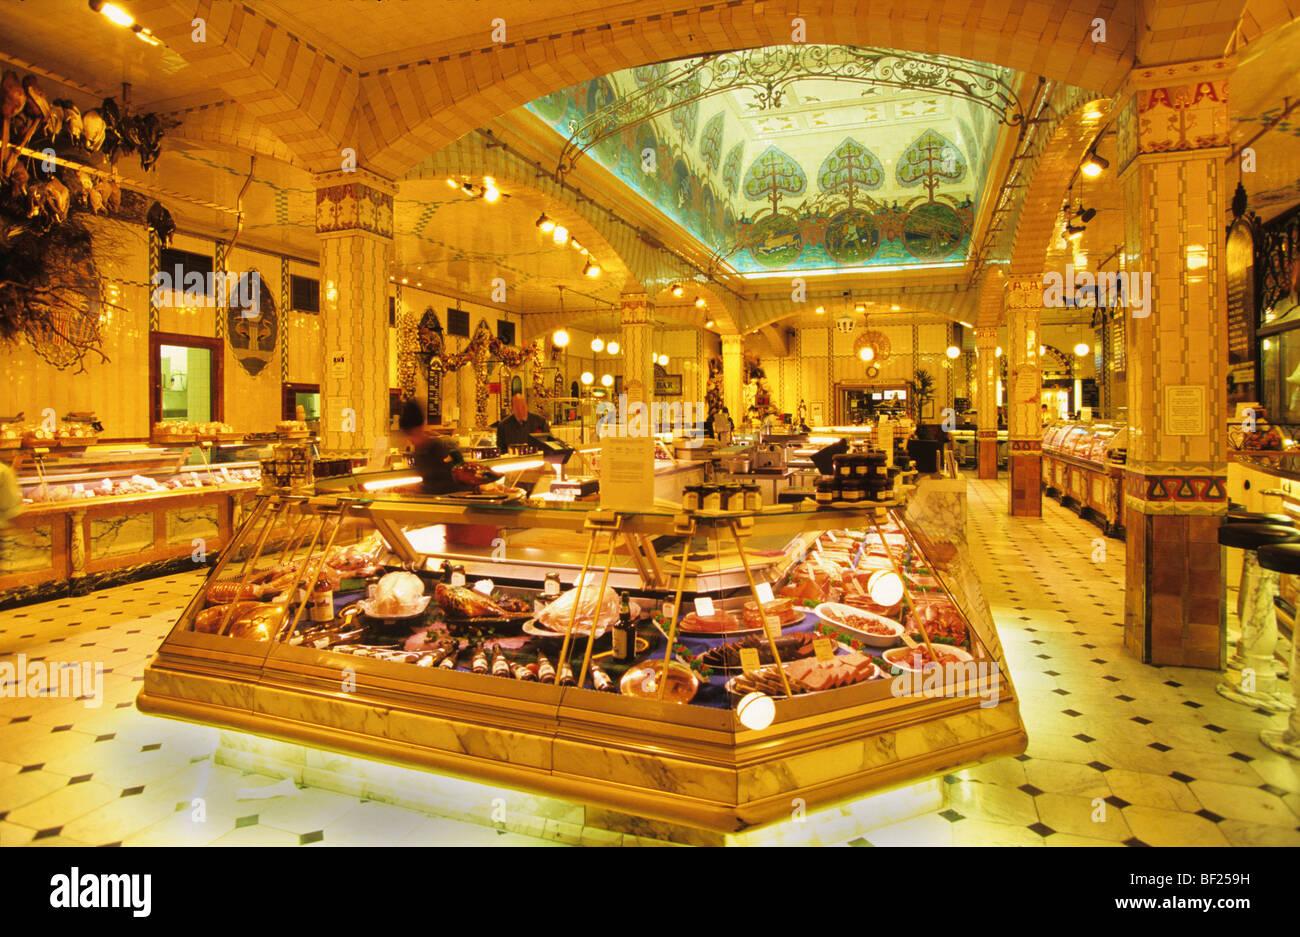 Harrods foodstore delicatessen interior architecture, London Stock ...